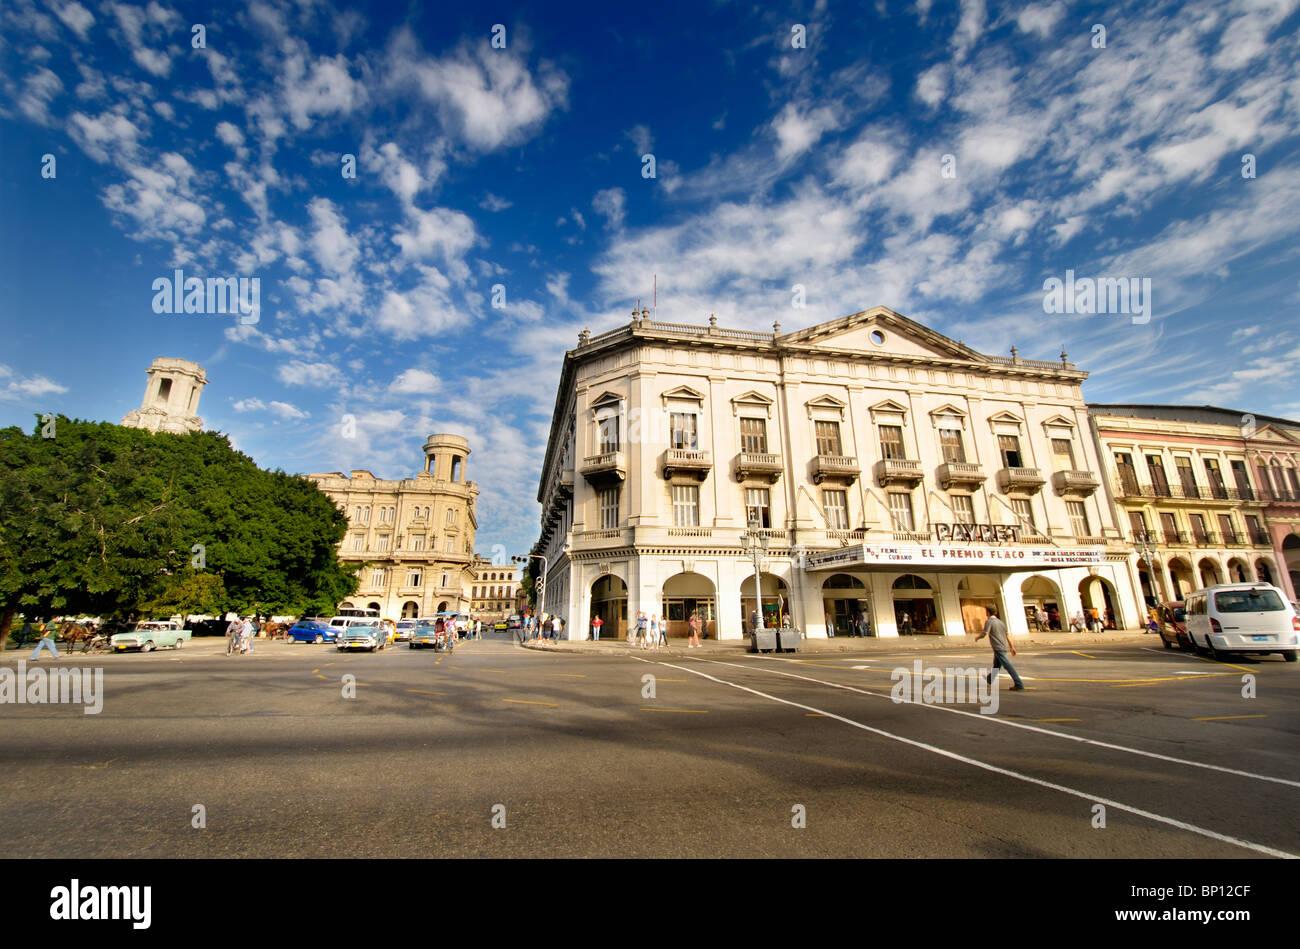 Vue de La Havane et de la rue du cinéma Payret bâtiment. La Havane est la plus grande ville de Cuba et la région des Caraïbes. Banque D'Images